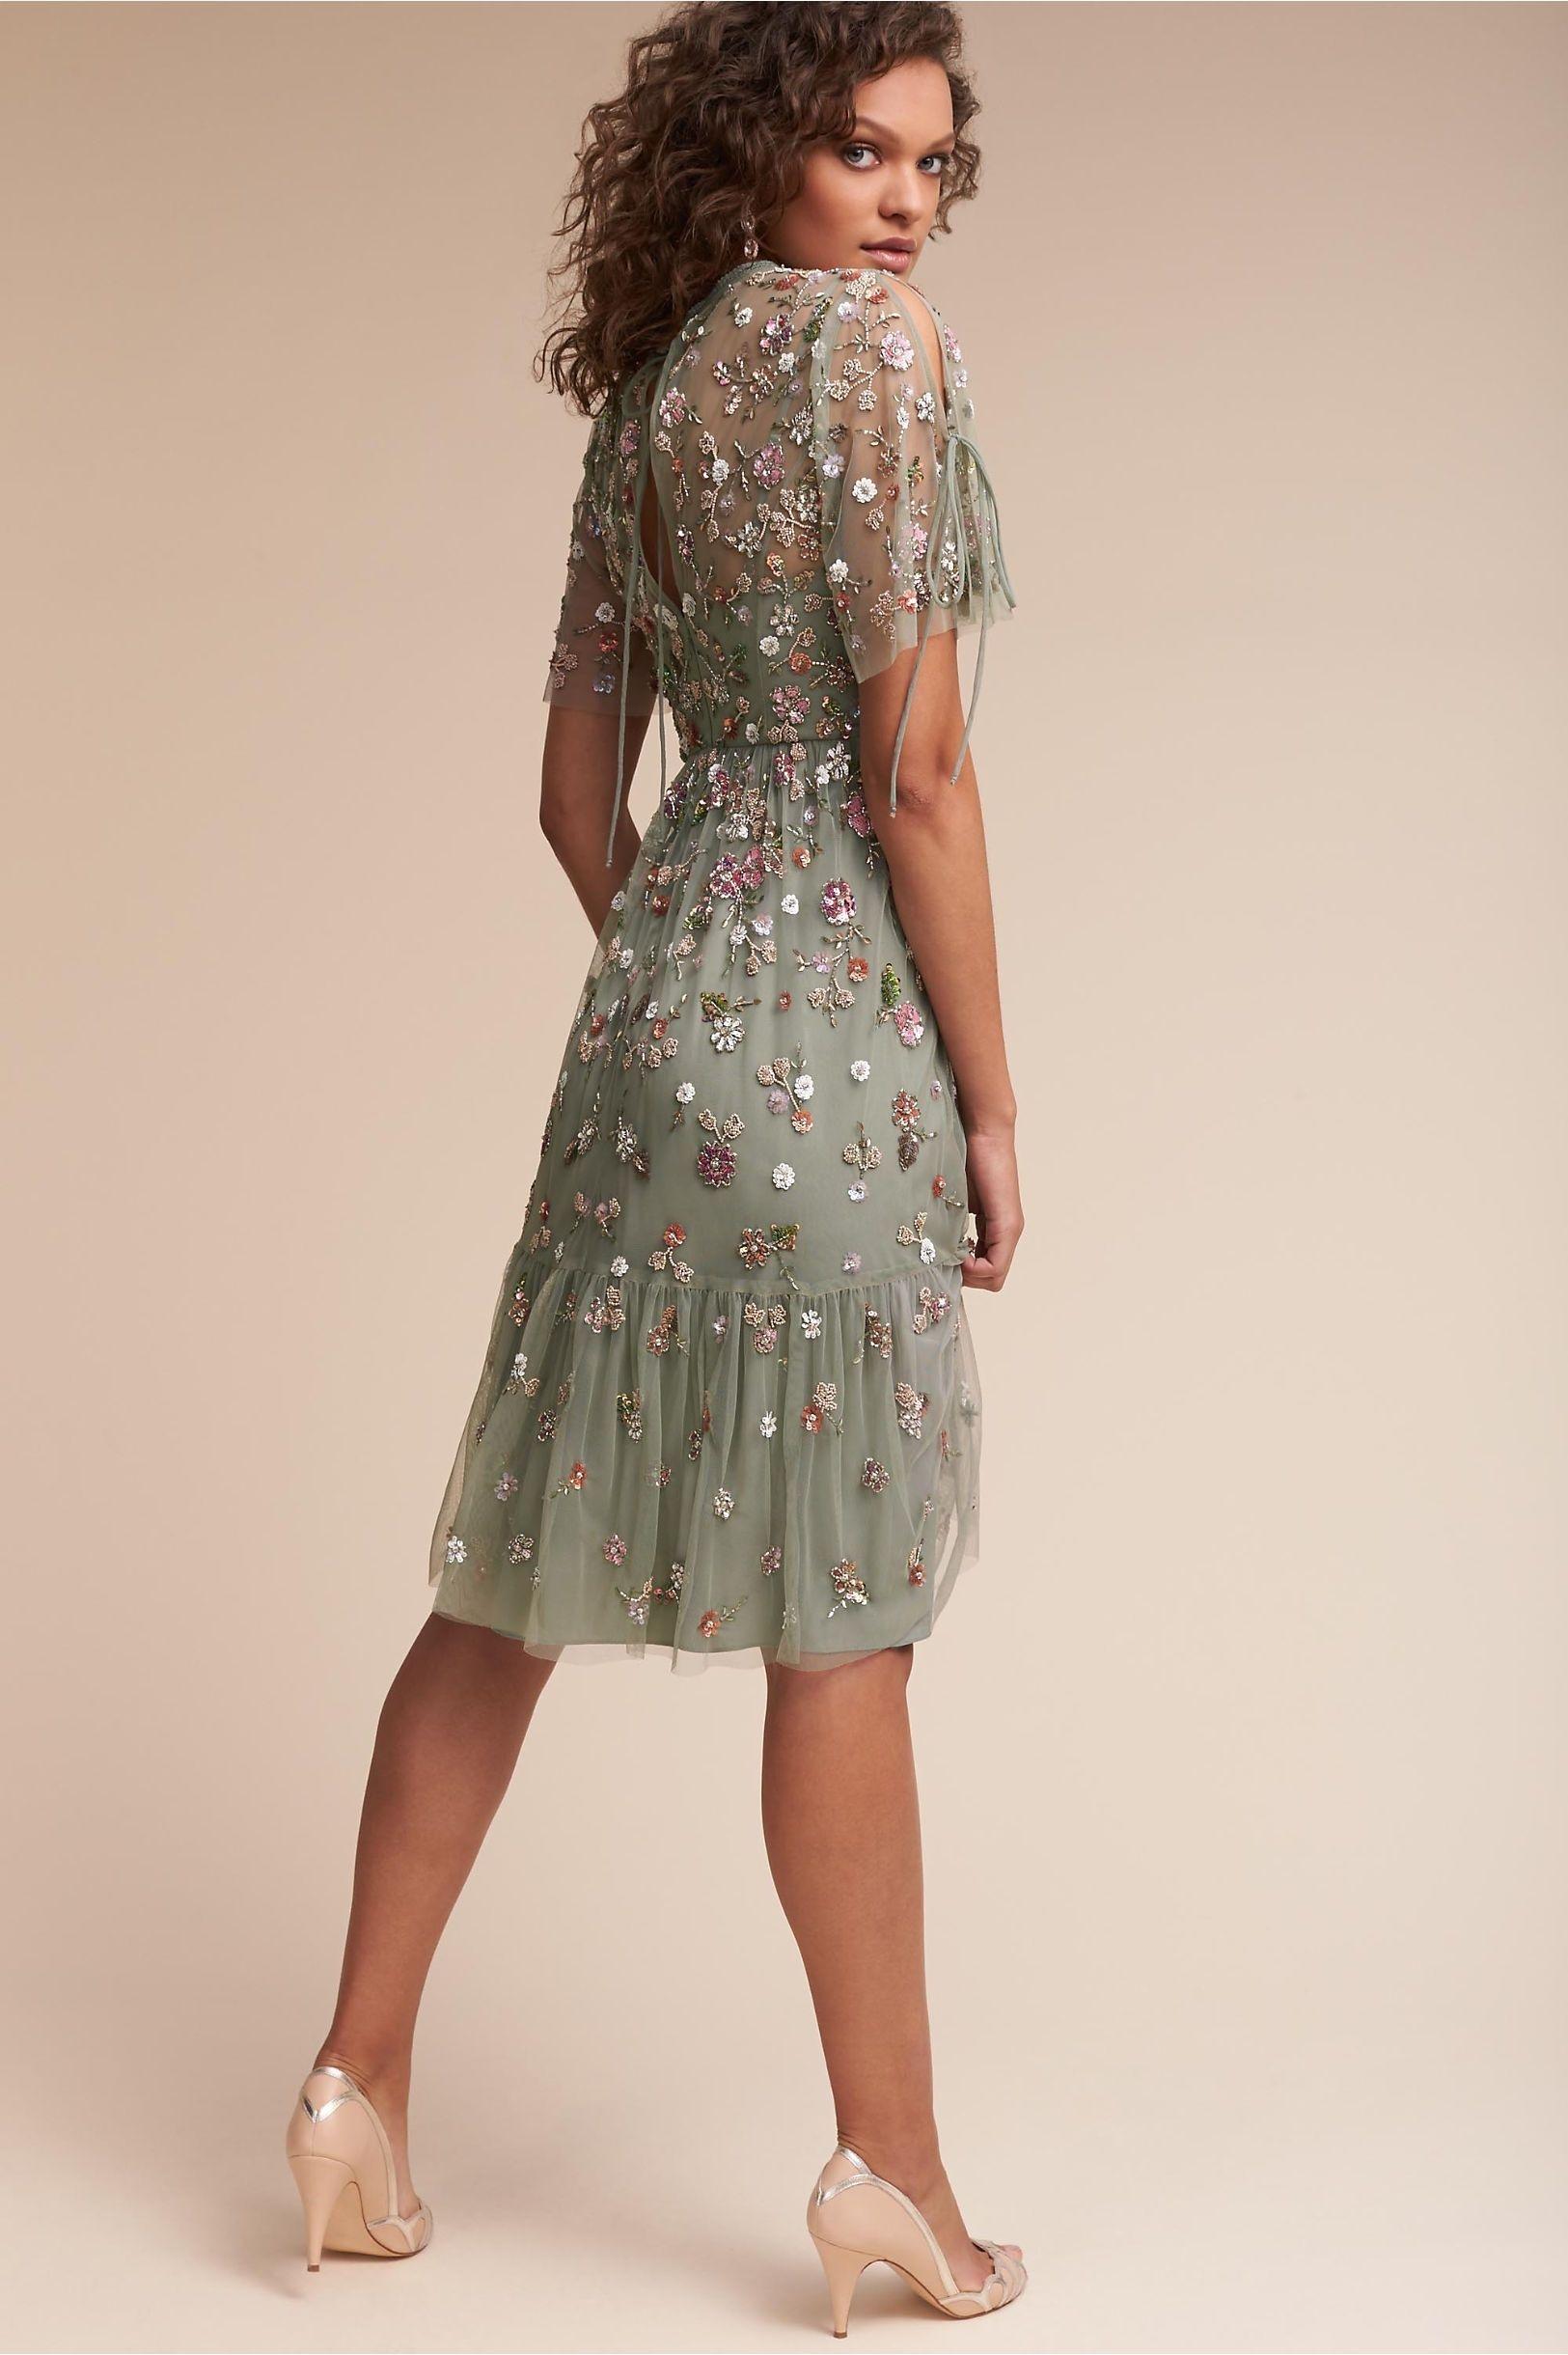 5 Elegant Schicke Kleider Für Weihnachten Design - Abendkleid